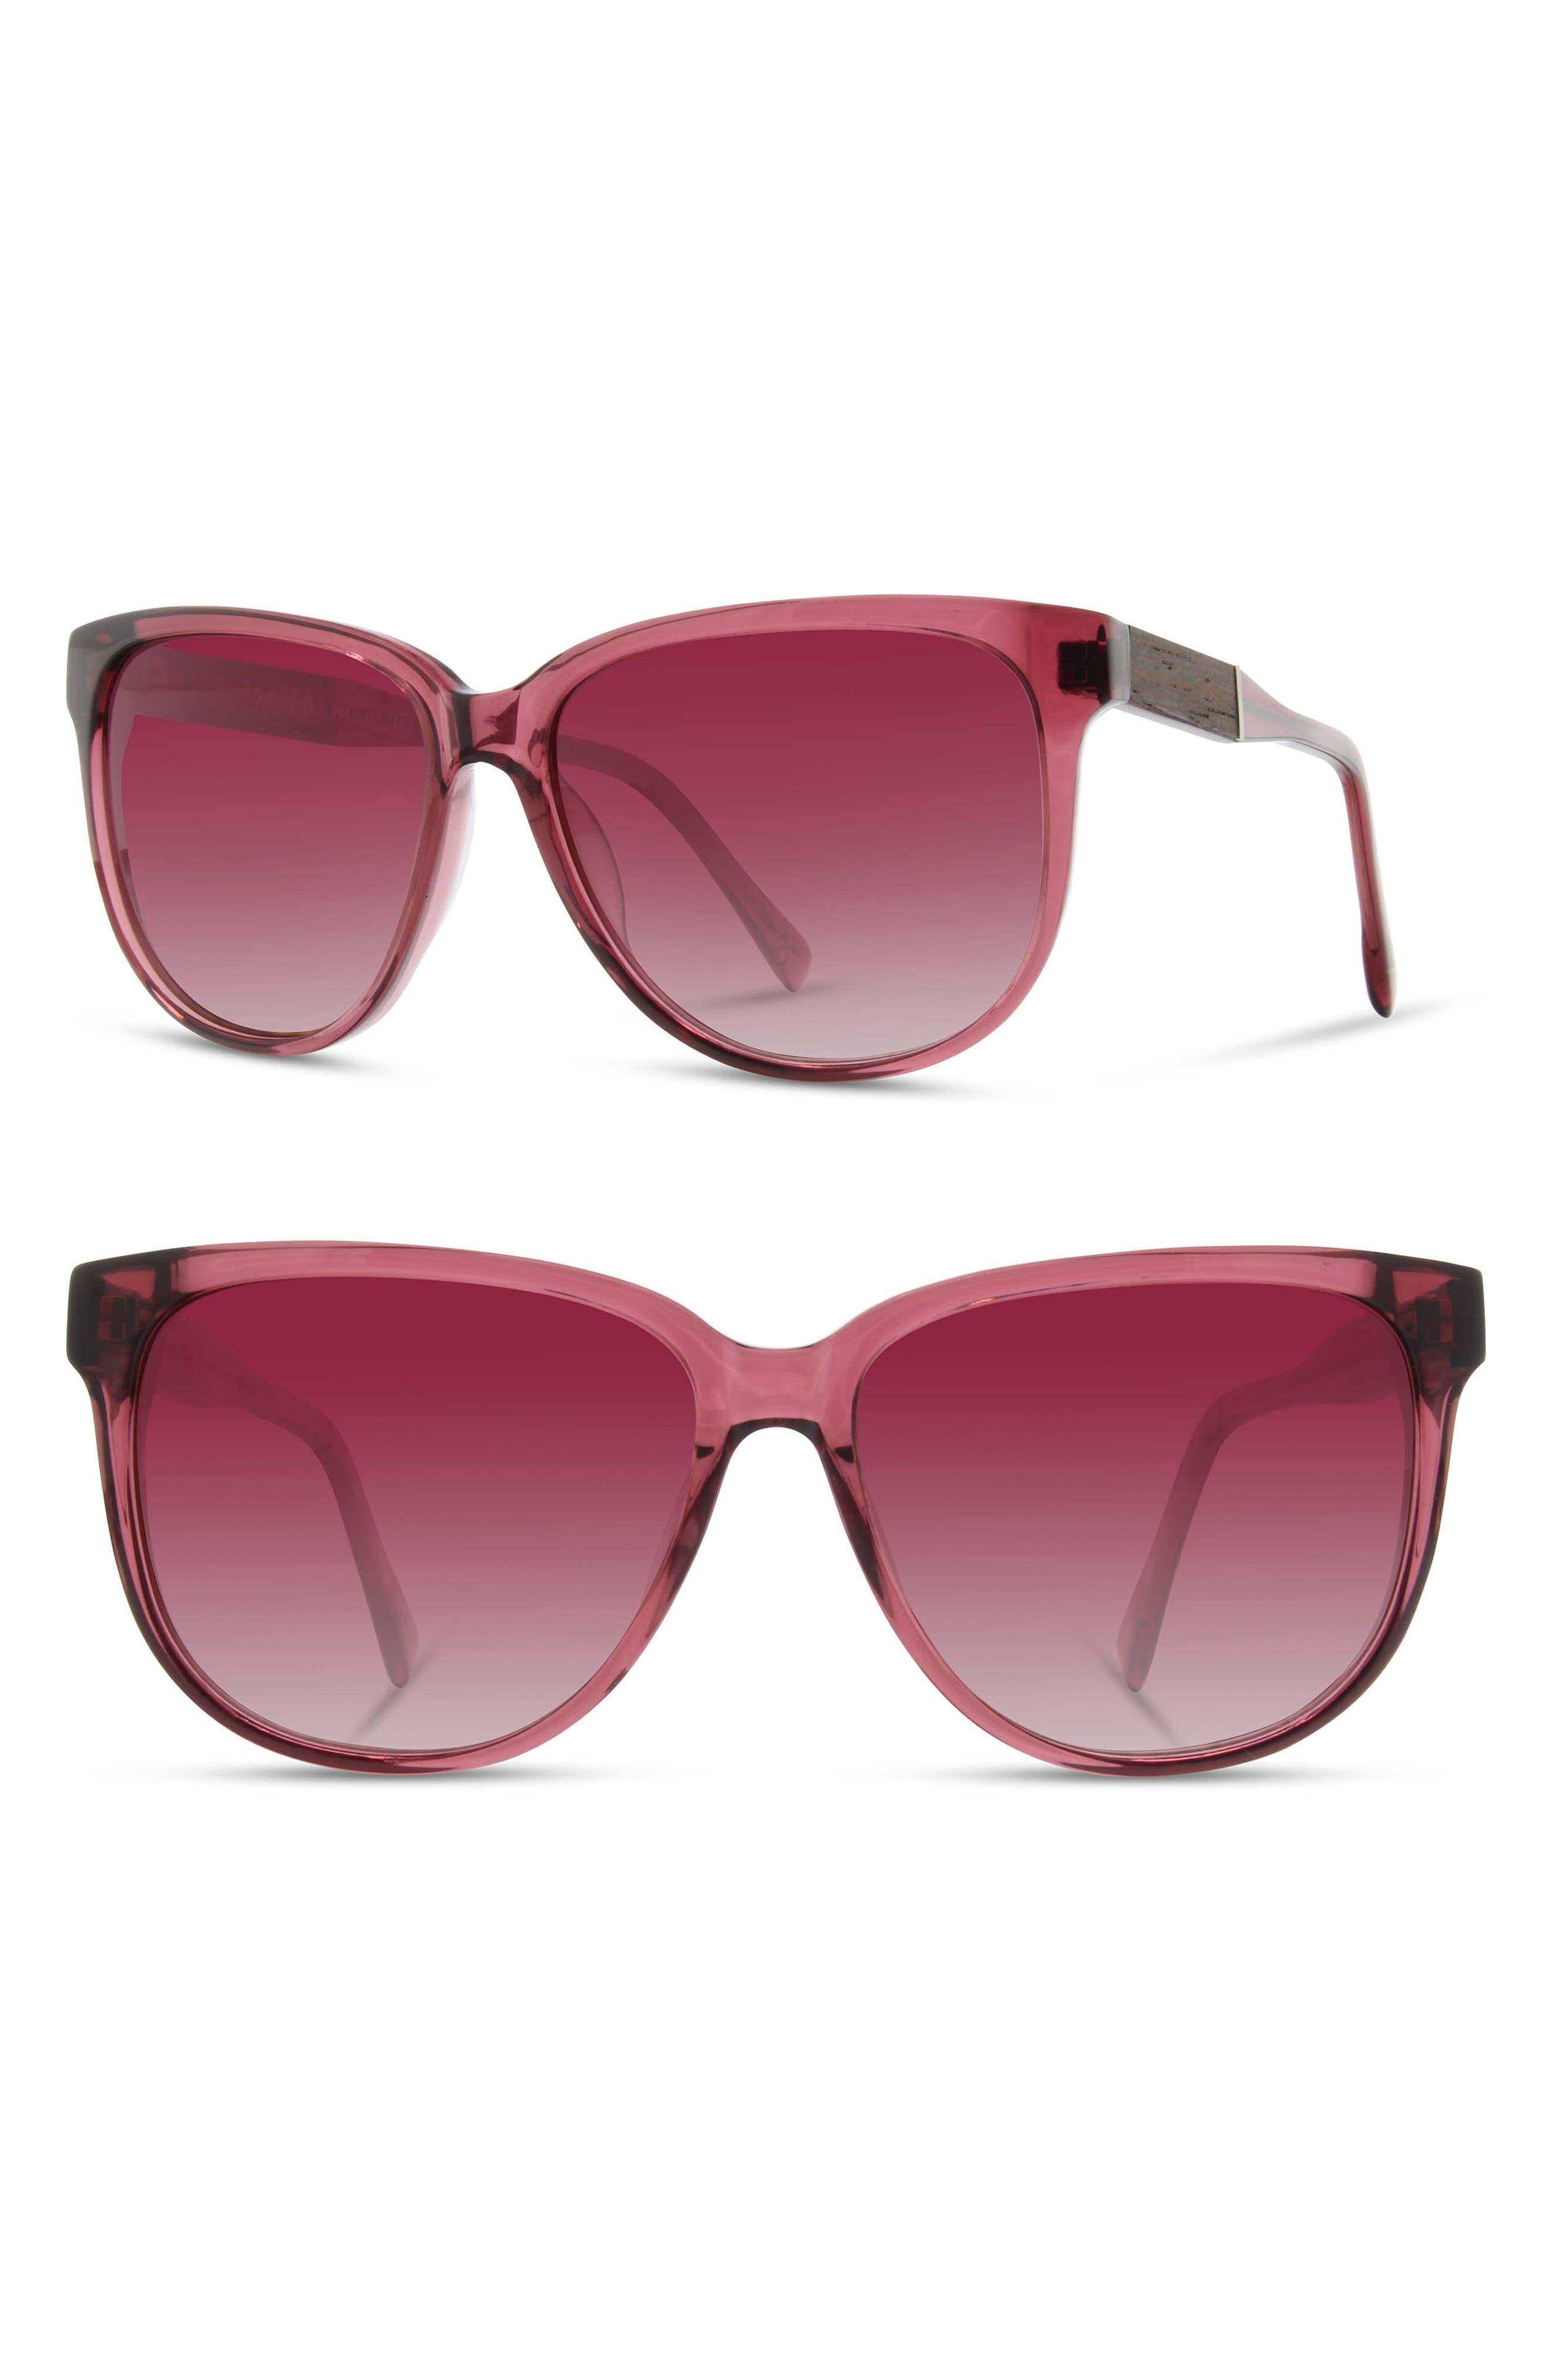 SHWOOD 'Mckenzie' 57Mm Polarized Sunglasses - Rose/ Ebony/ Rose Fade